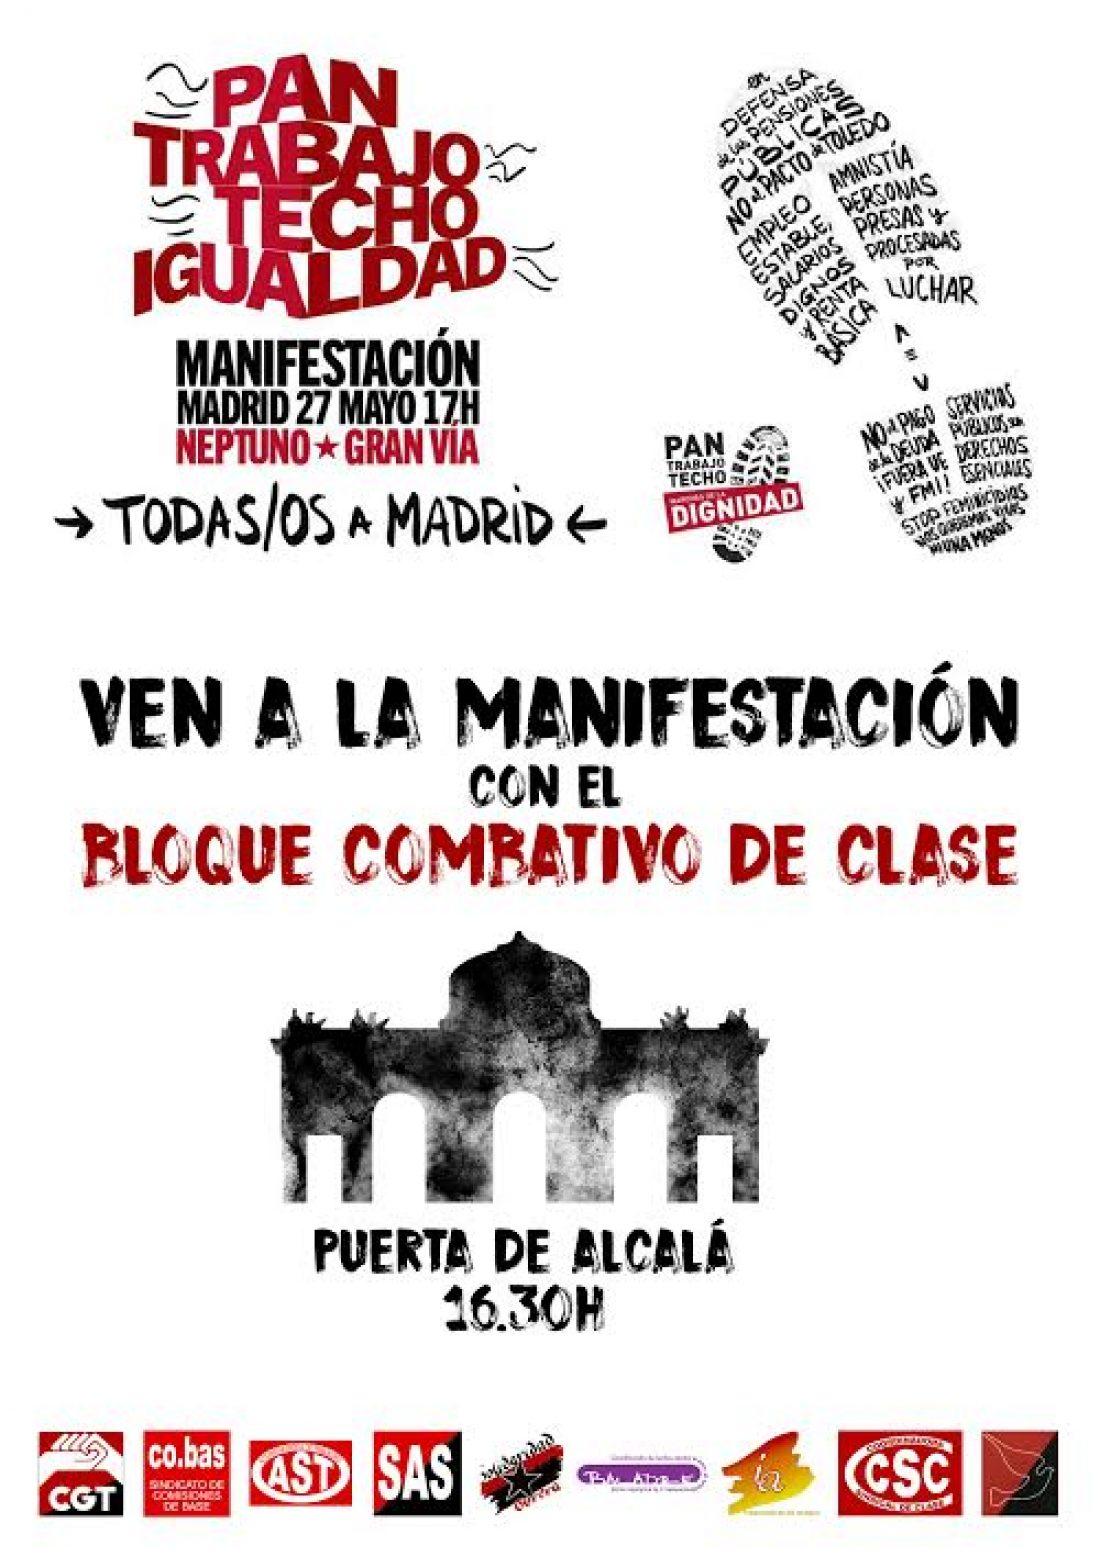 El 27 de mayo, ven a la manifestación con el Bloque Combativo de Clase